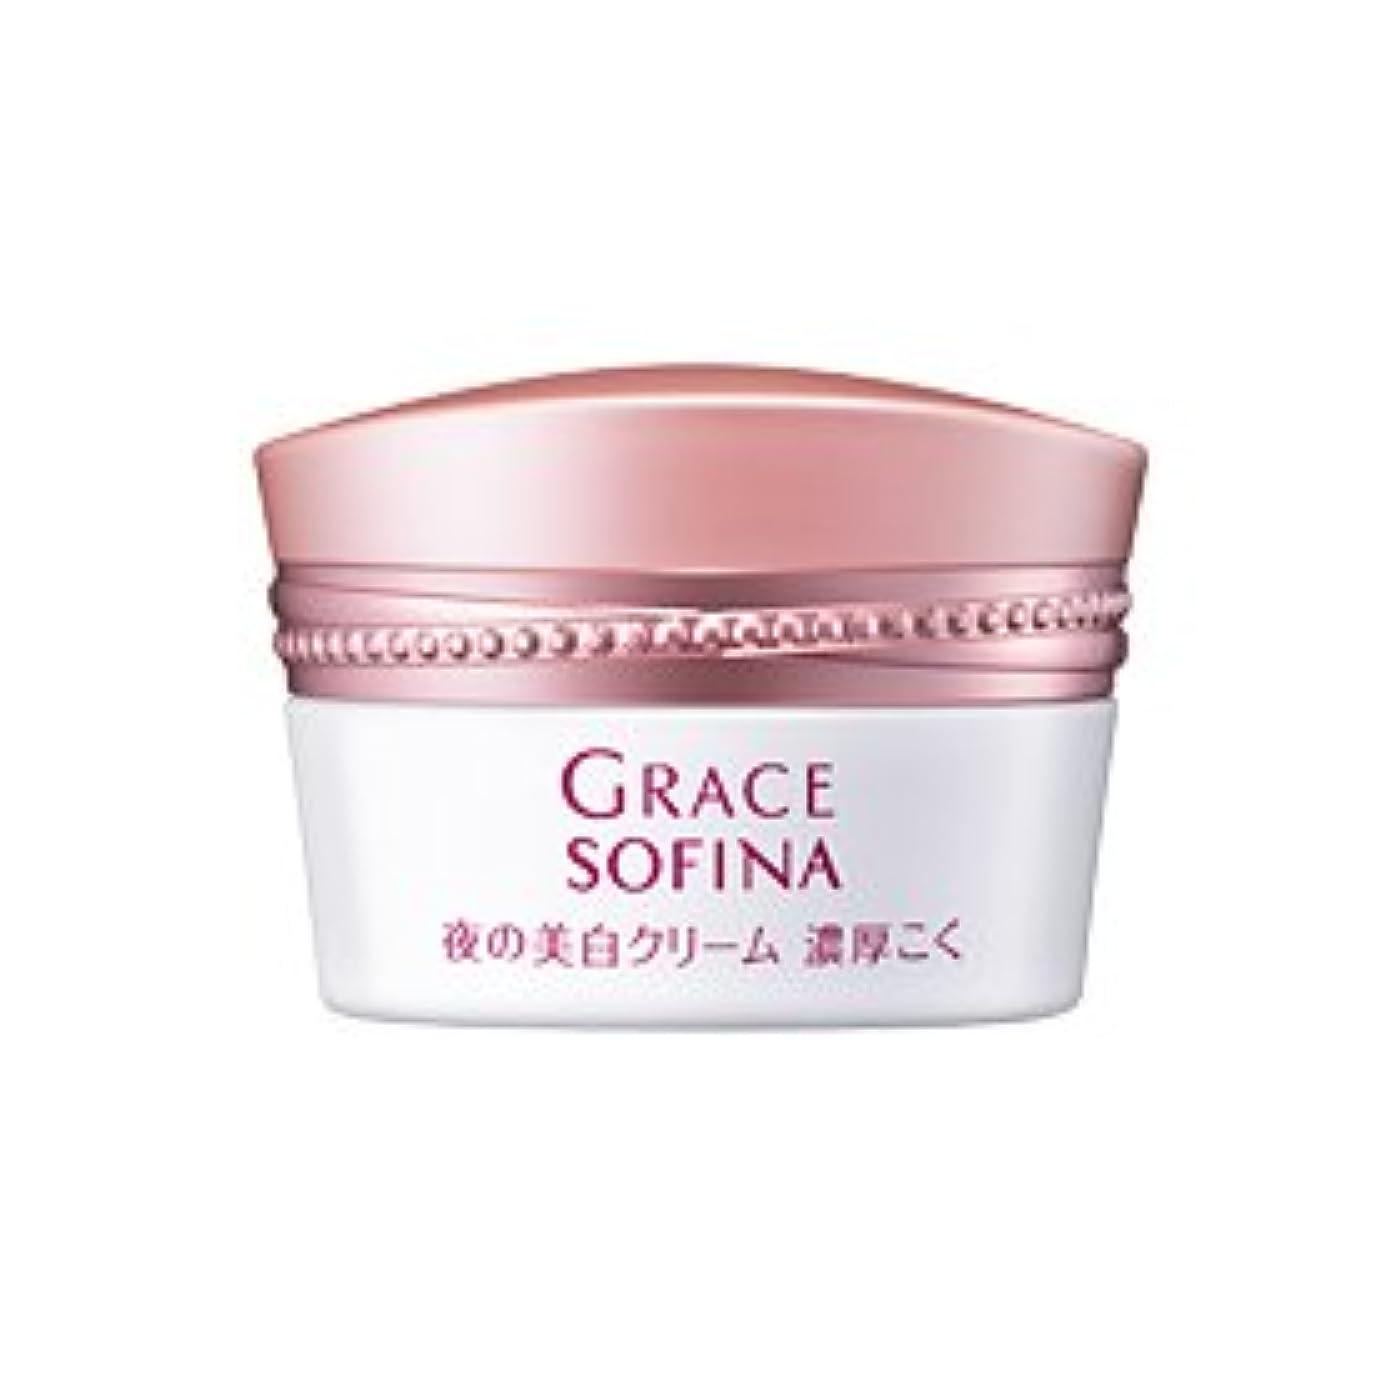 炎上賭け酔っ払い花王 グレイスソフィーナ 薬用 夜の美白クリーム 濃厚こく 32g cs